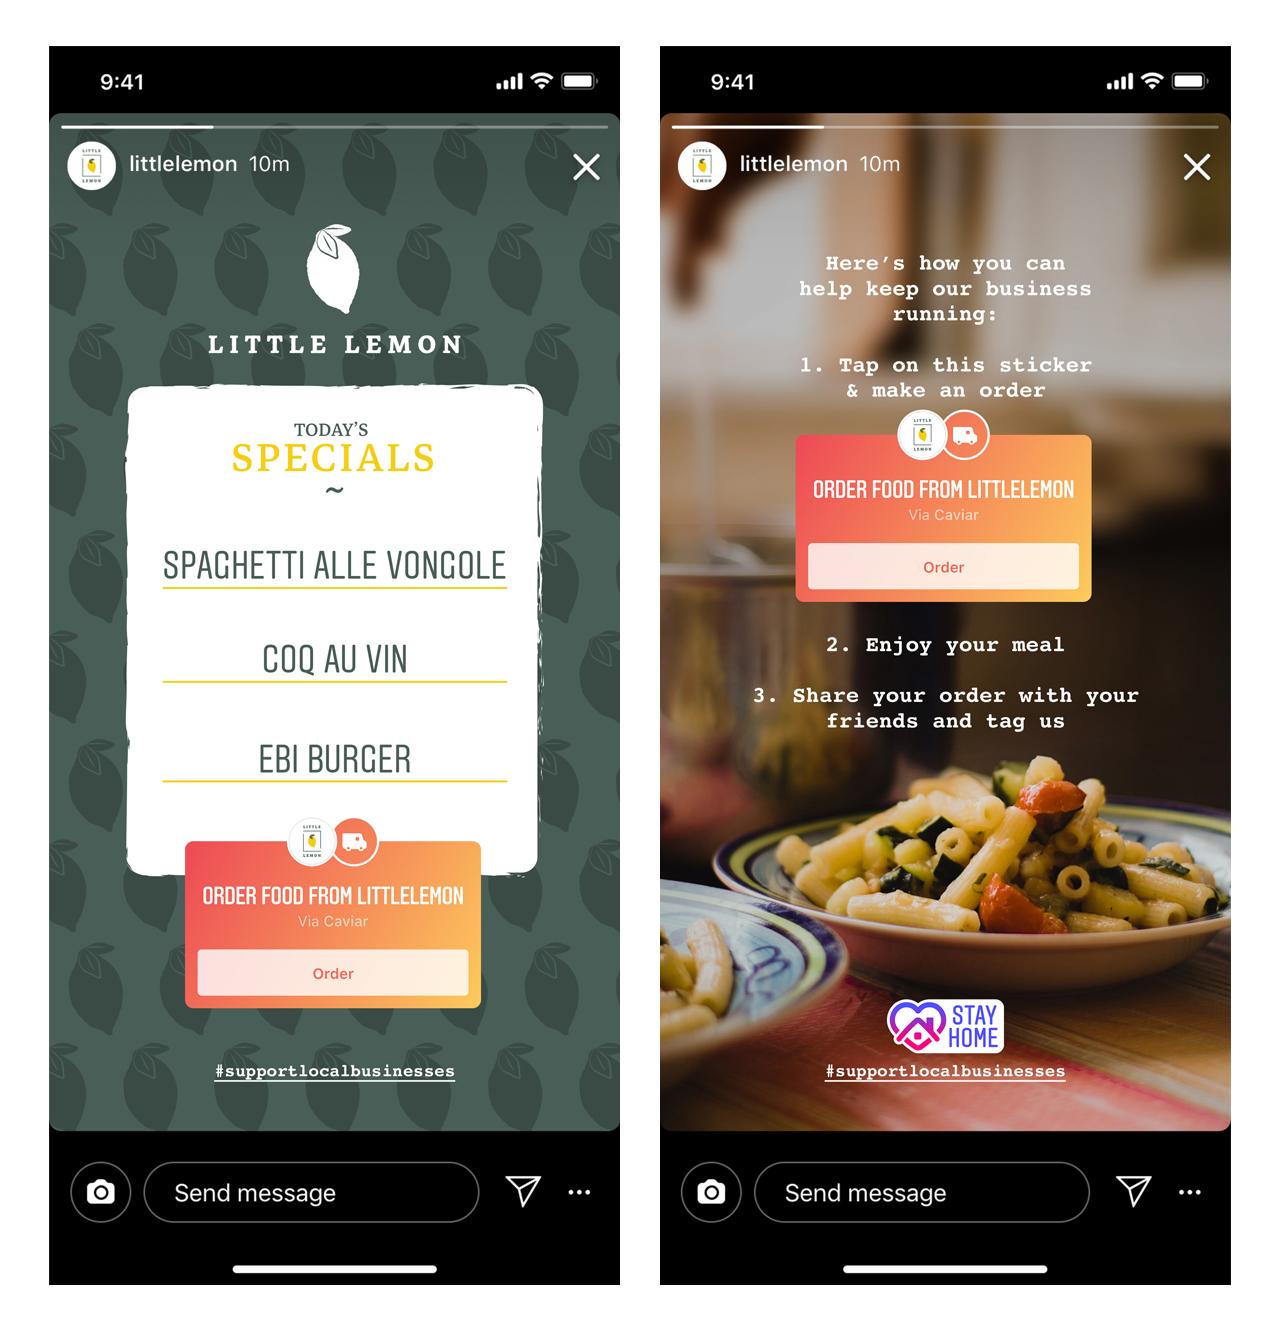 Instagram  Lisää Tilaa ruoka -painikkeen ja tarrojen toiminnot paikallisten yritysten auttamiseksi 1